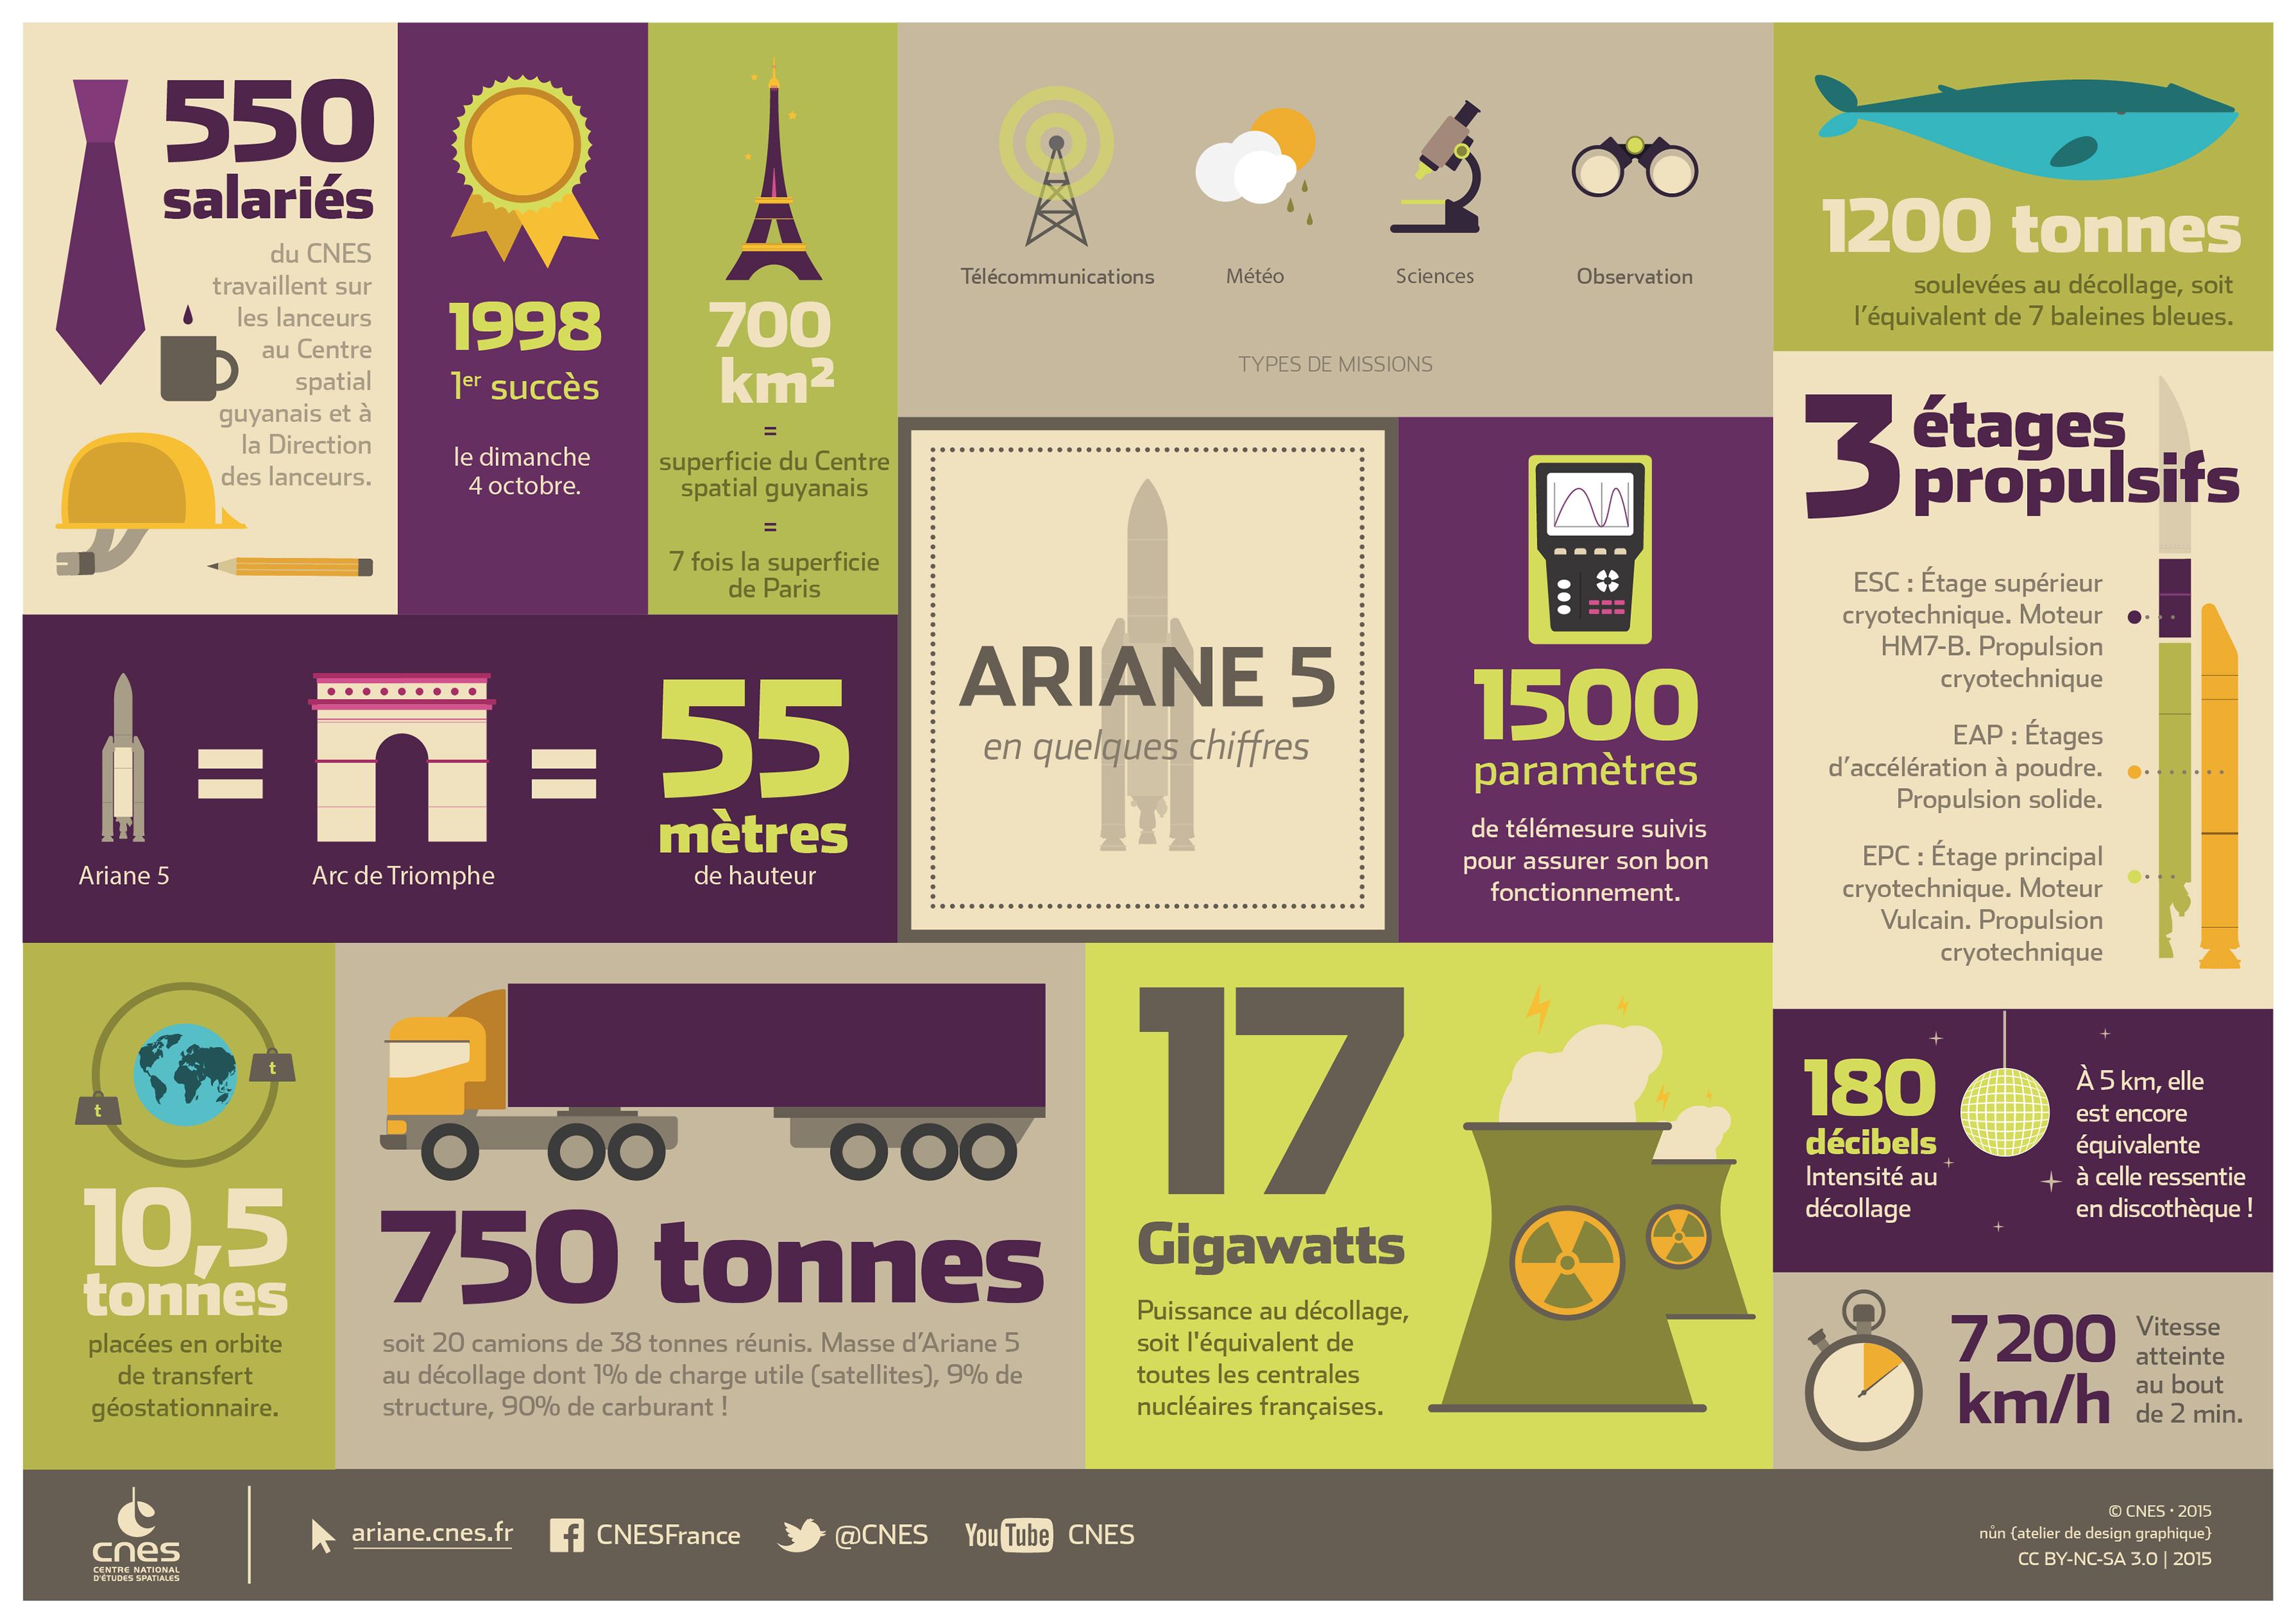 gp_infographie-grandeur-ariane5_fr.jpg